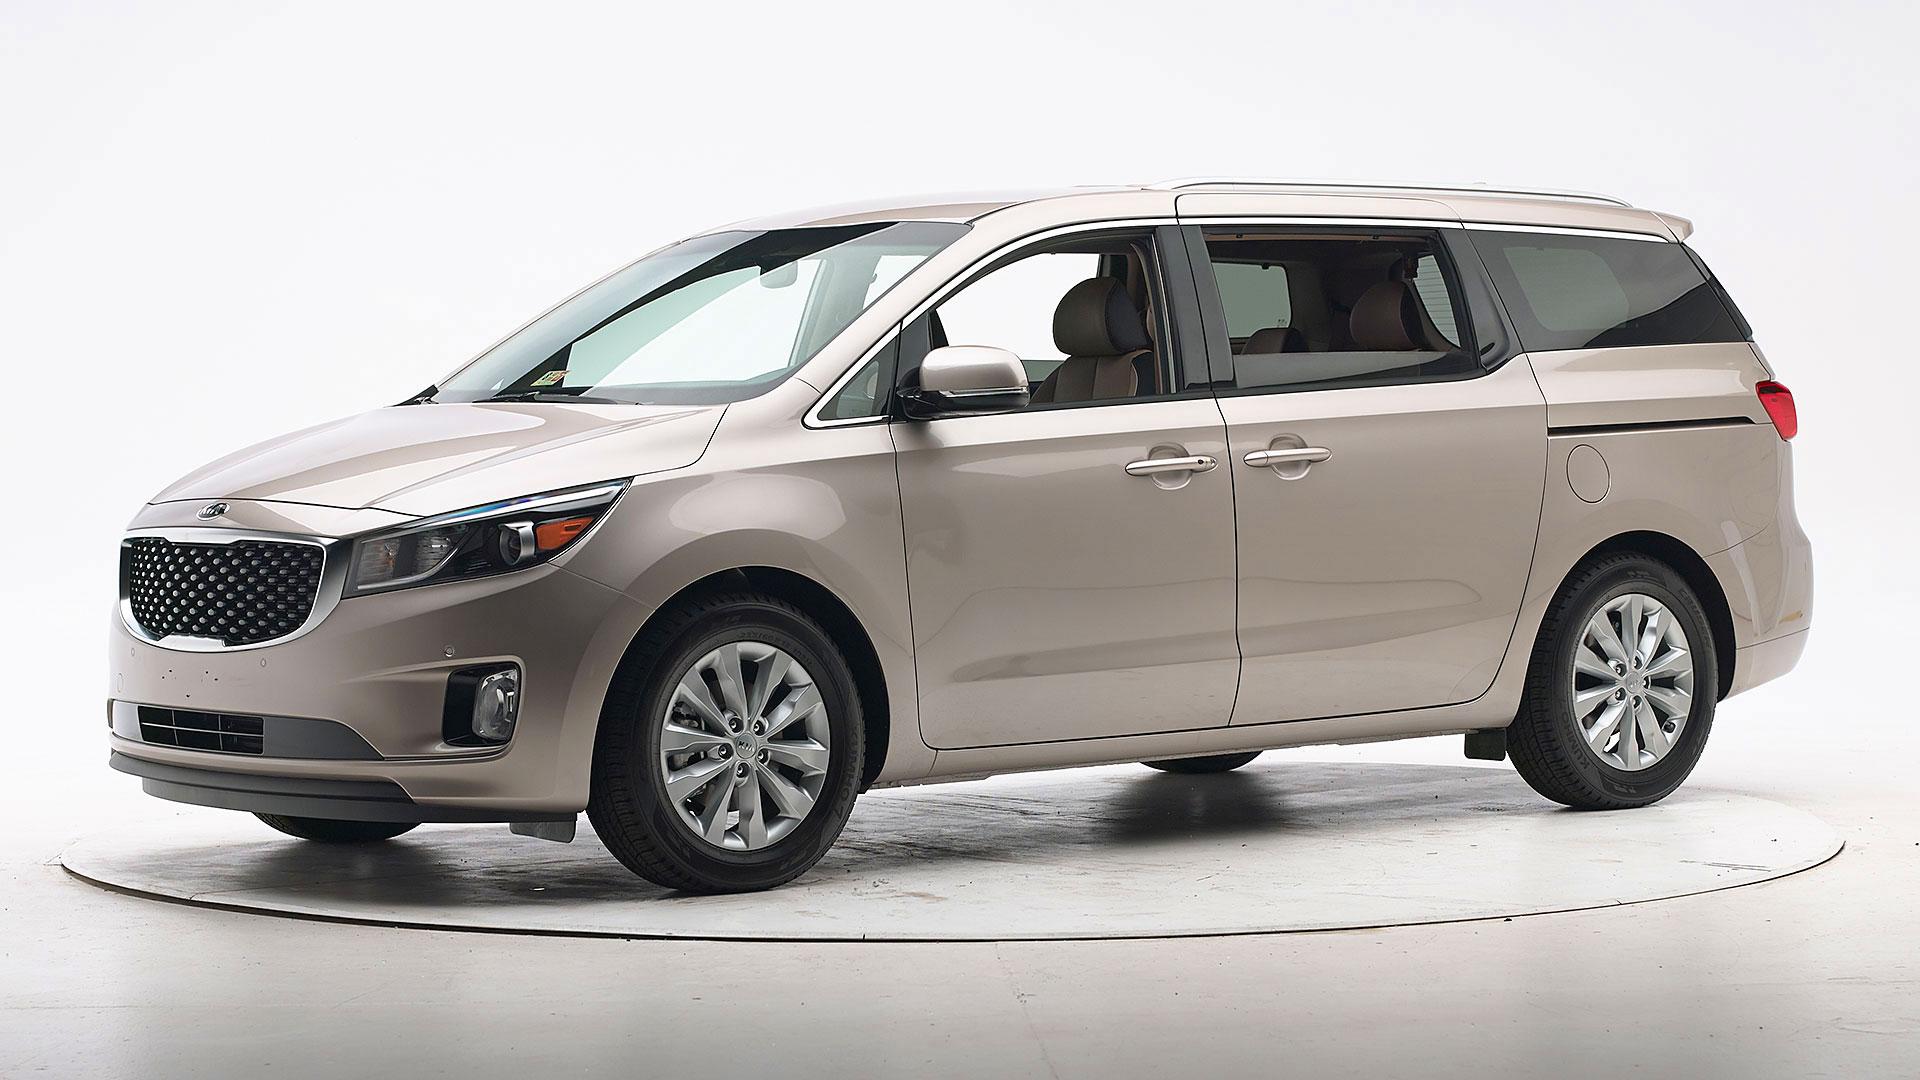 2017 Kia Sedona Minivan